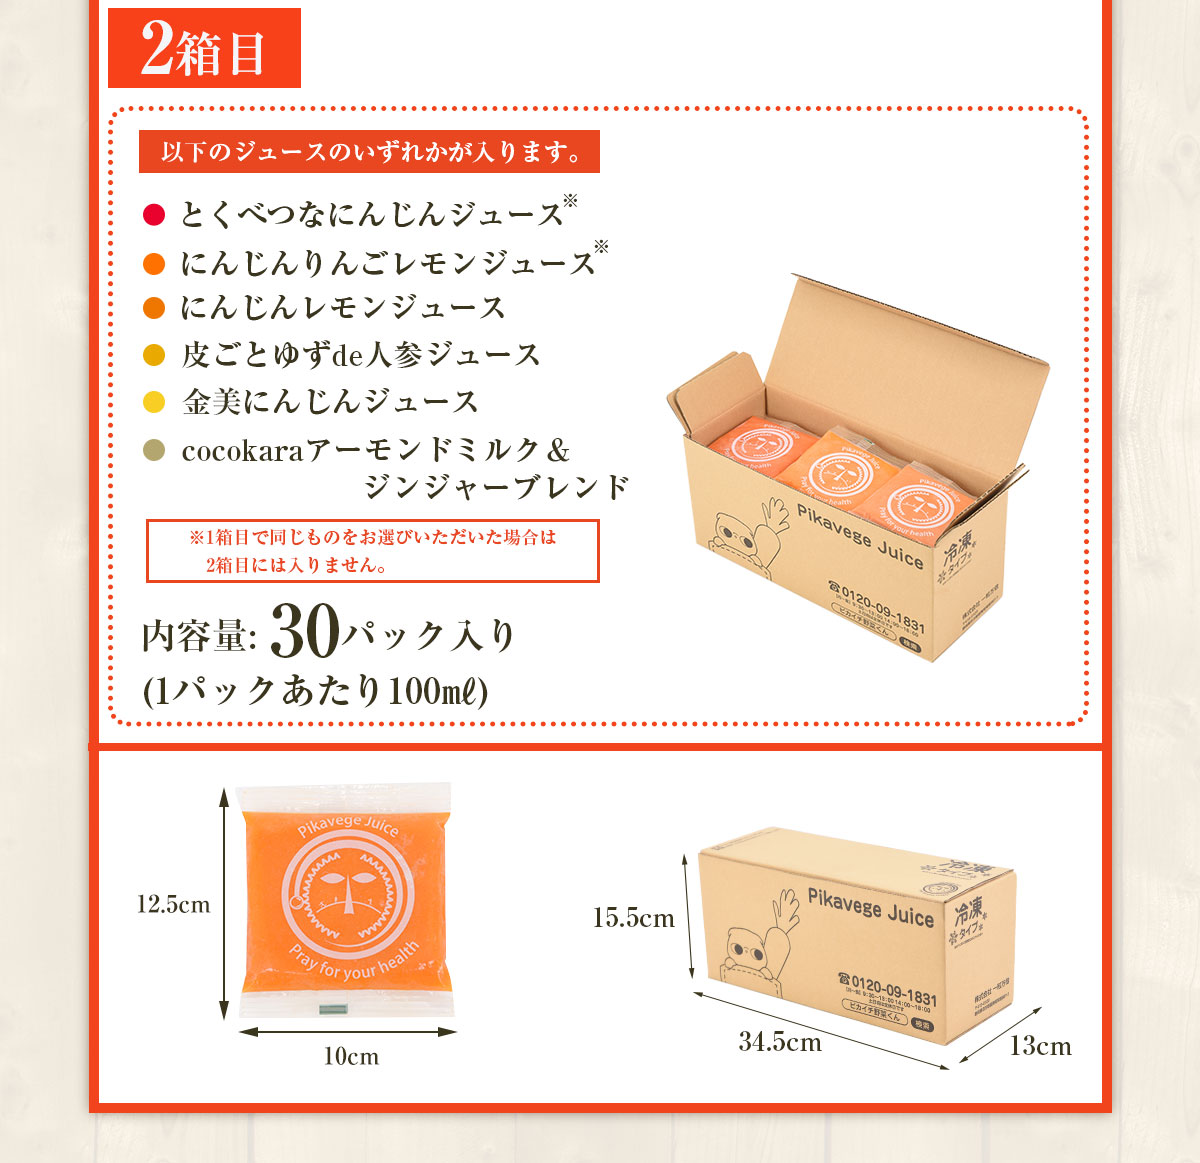 実際にお届けする商品2箱目